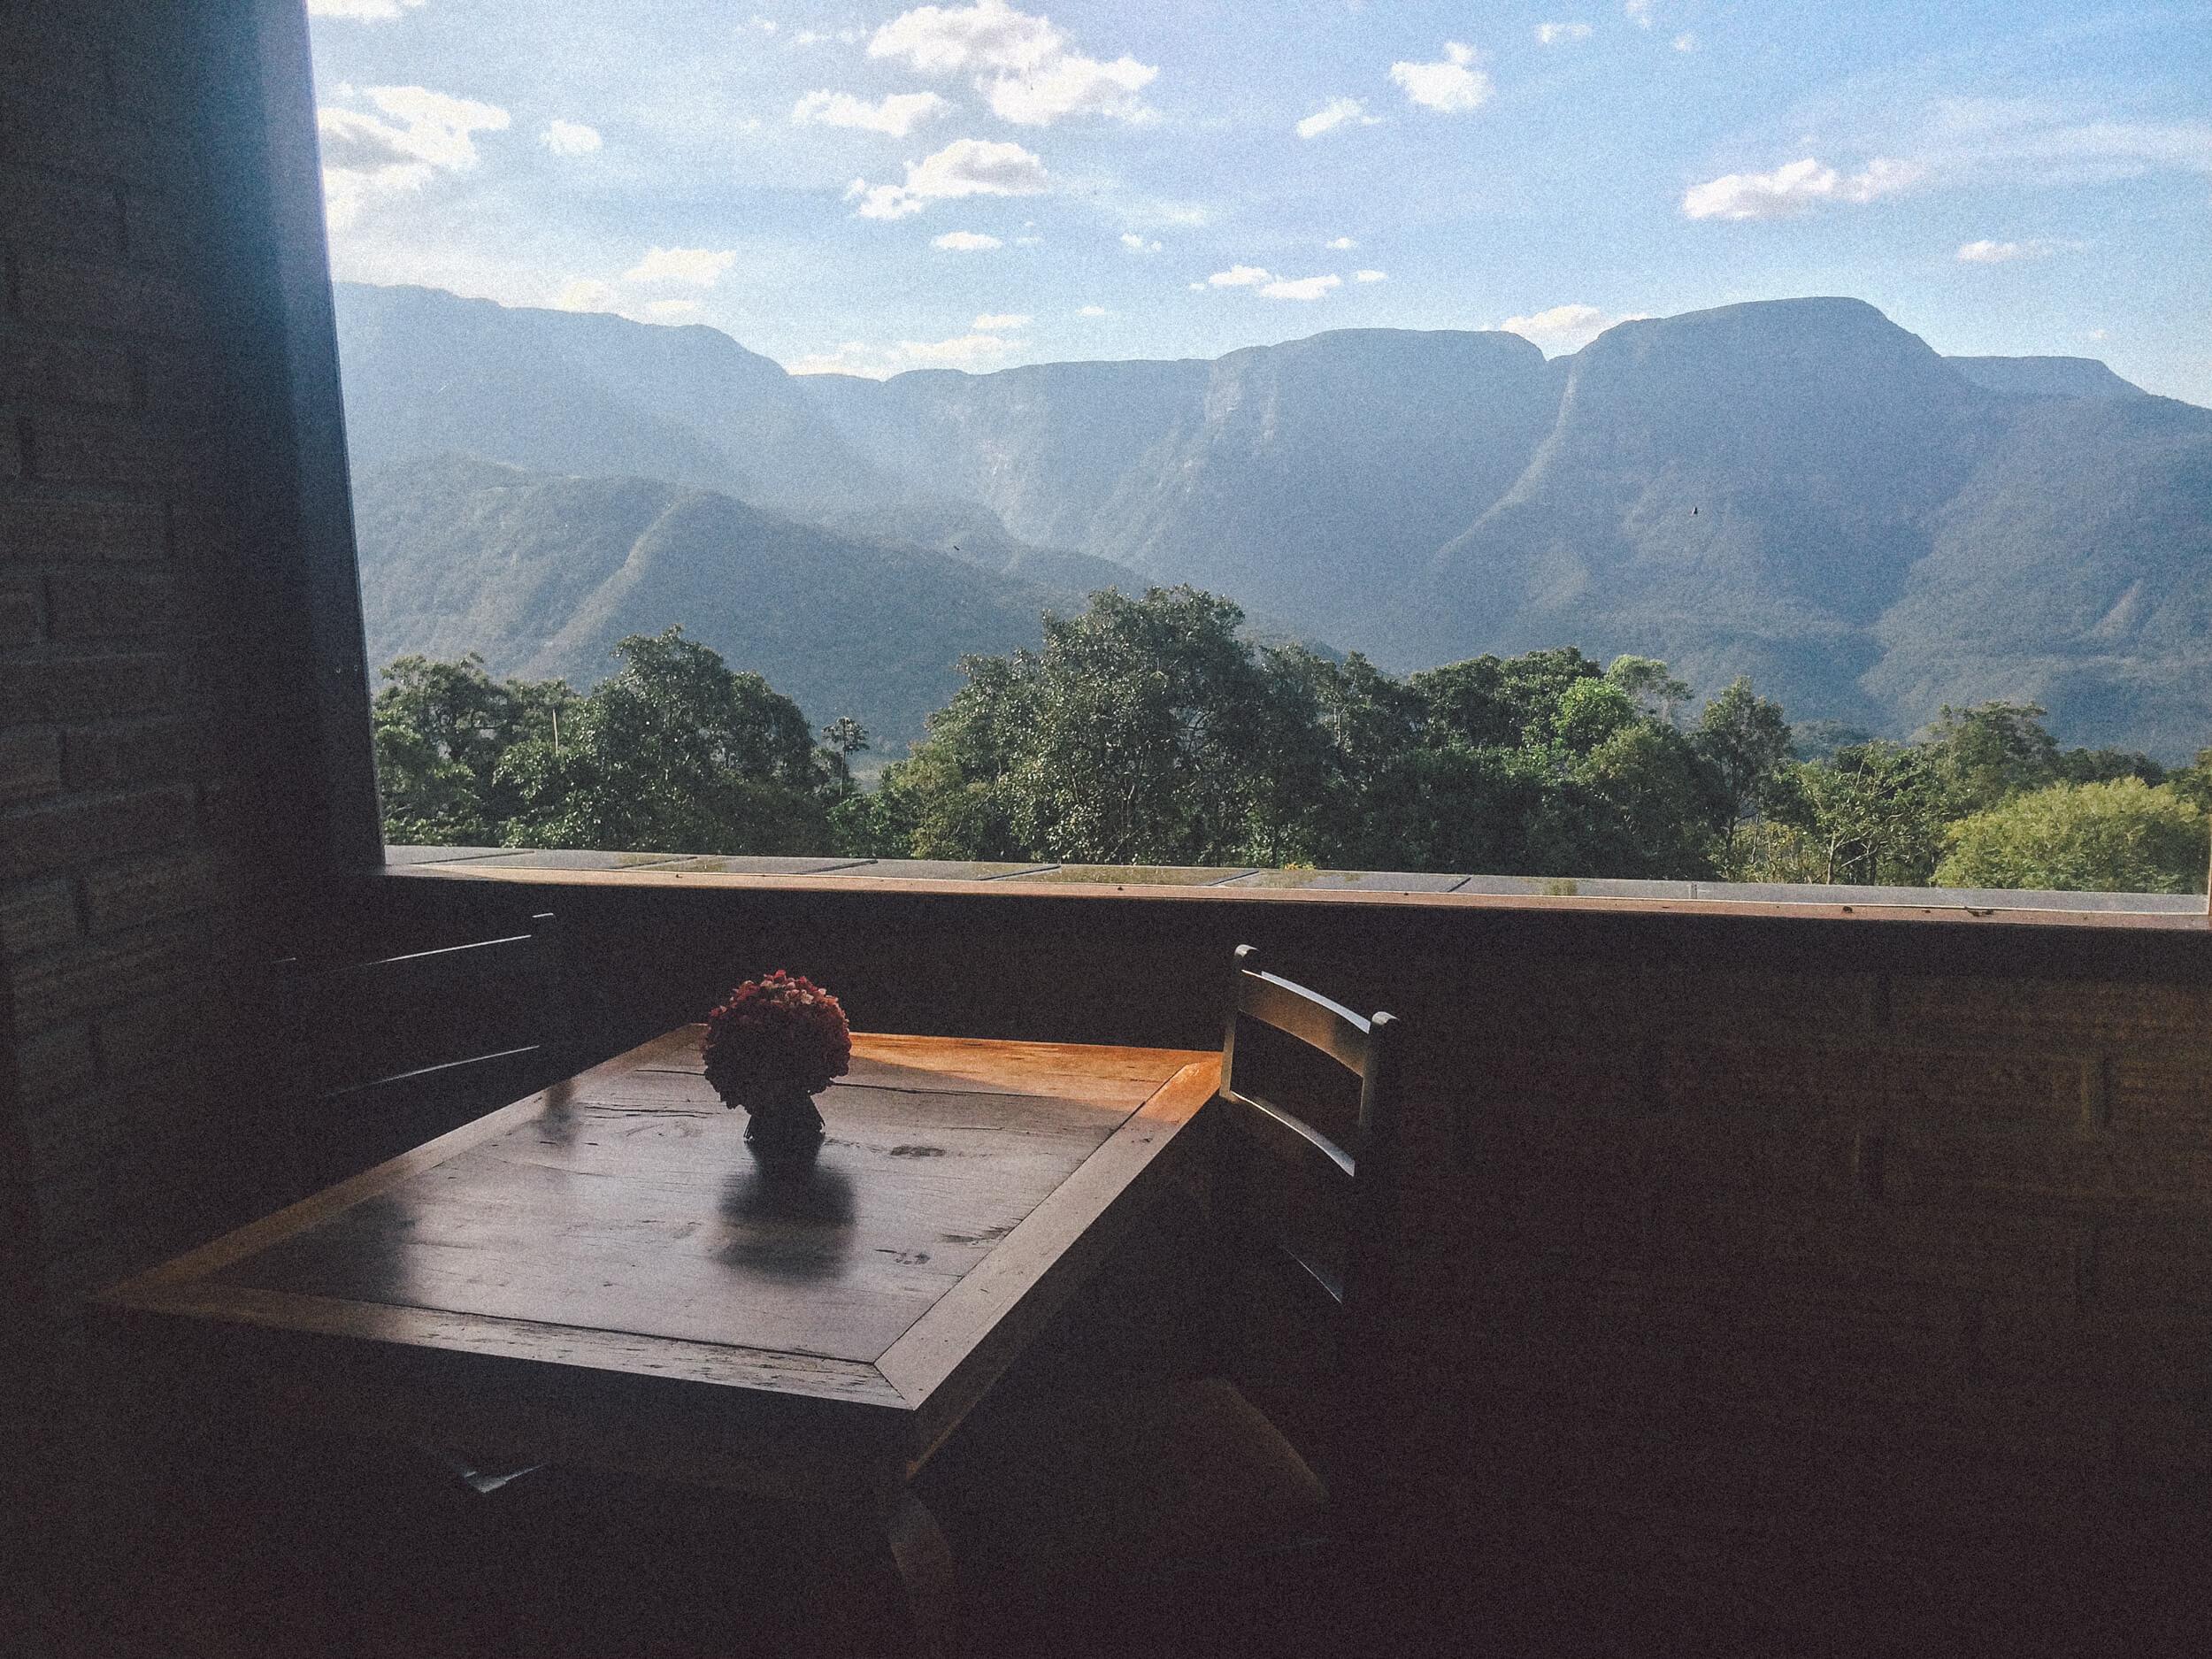 Vista do Restaurante da Morada dos Canyons